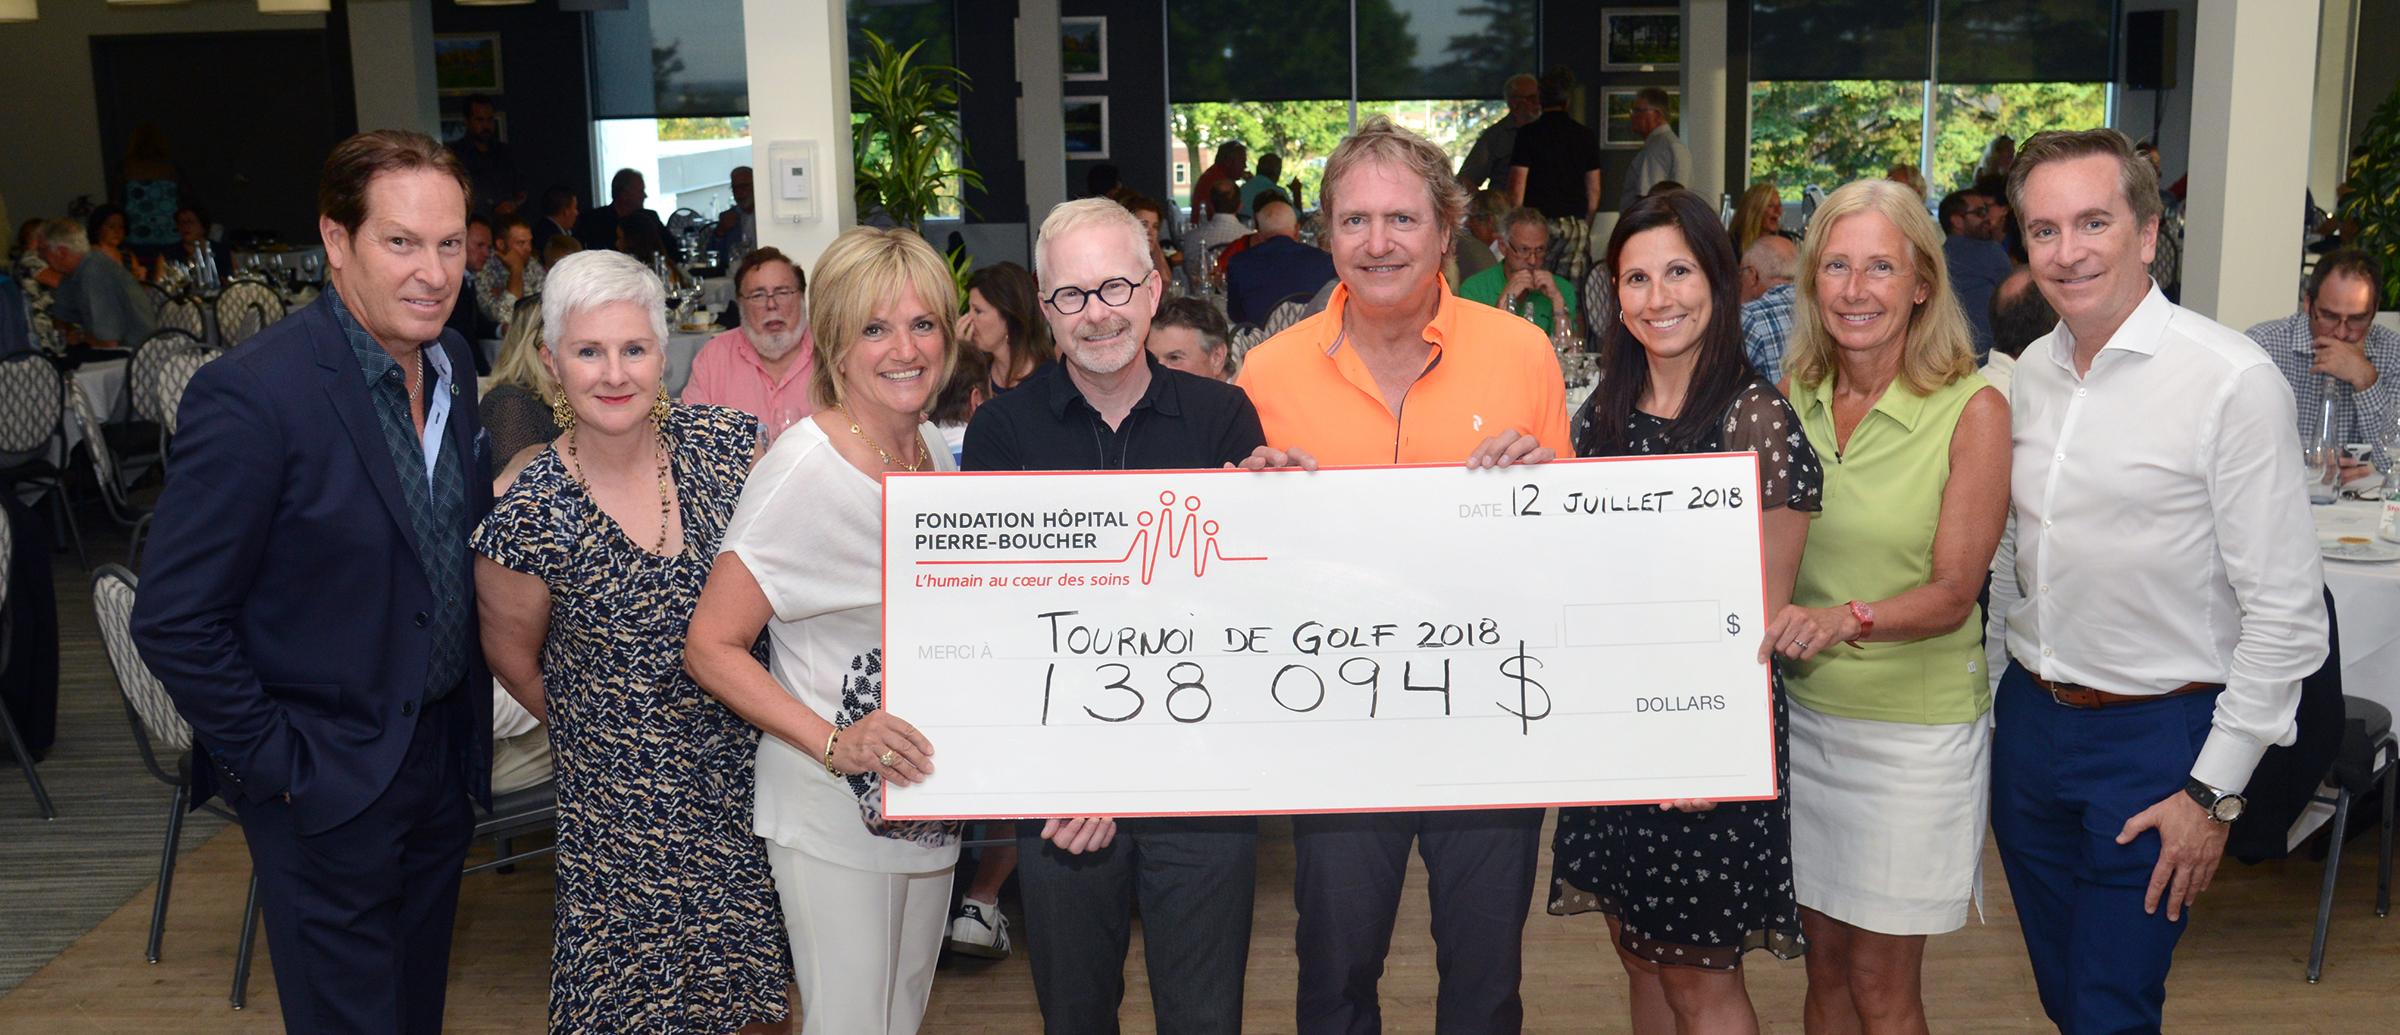 Tournoi de golf de la Fondation Hôpital Pierre-Boucher : du soleil, de la bonne humeur et un beau profit !